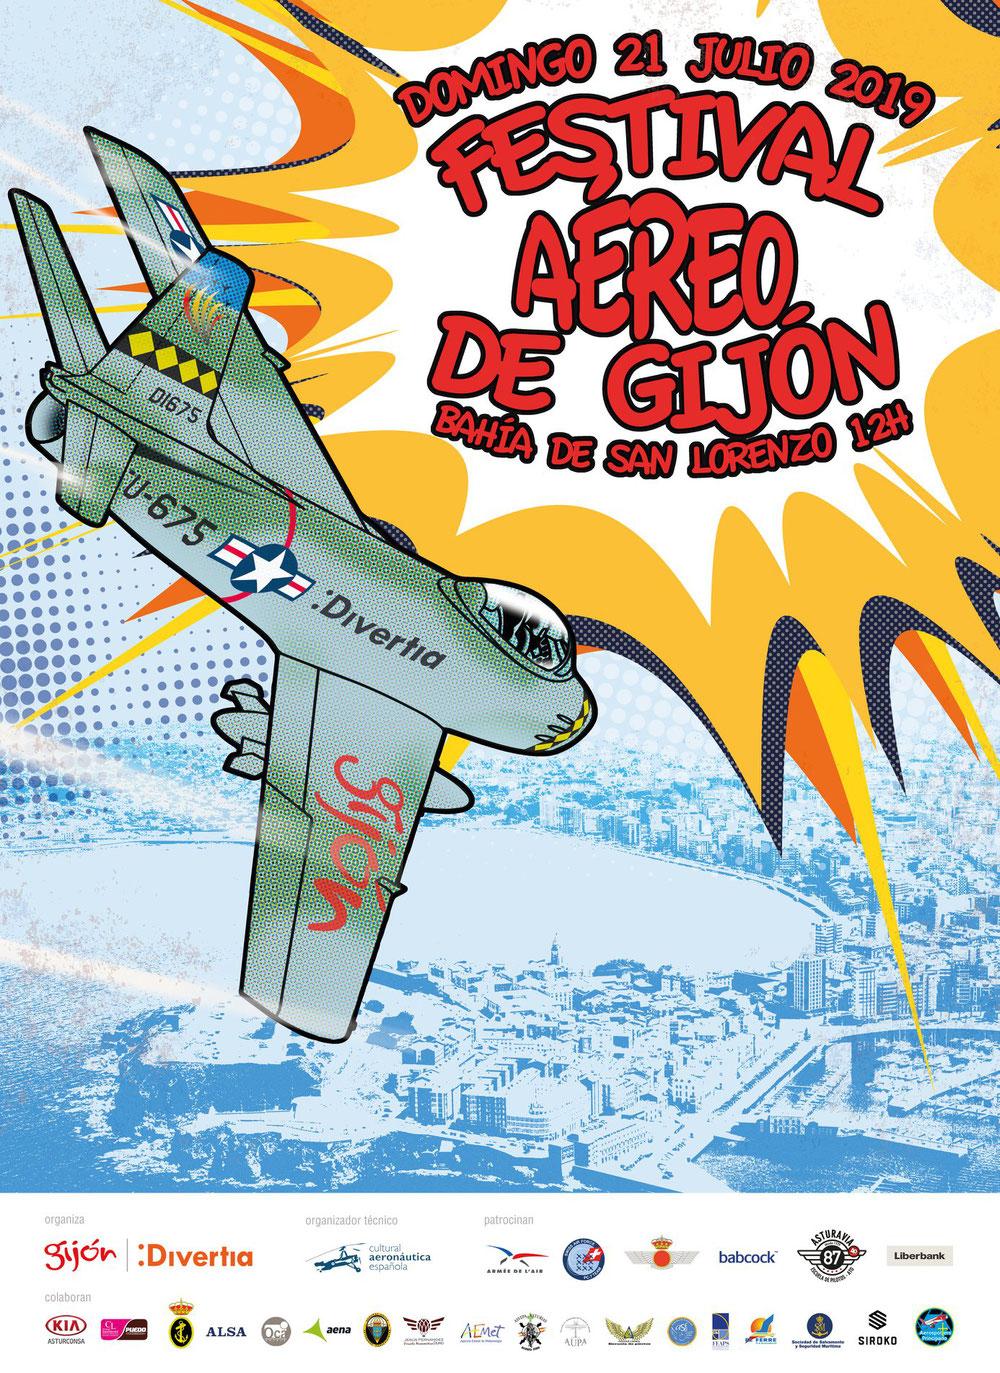 XIV Festival Aéreo Internacional de Gijón